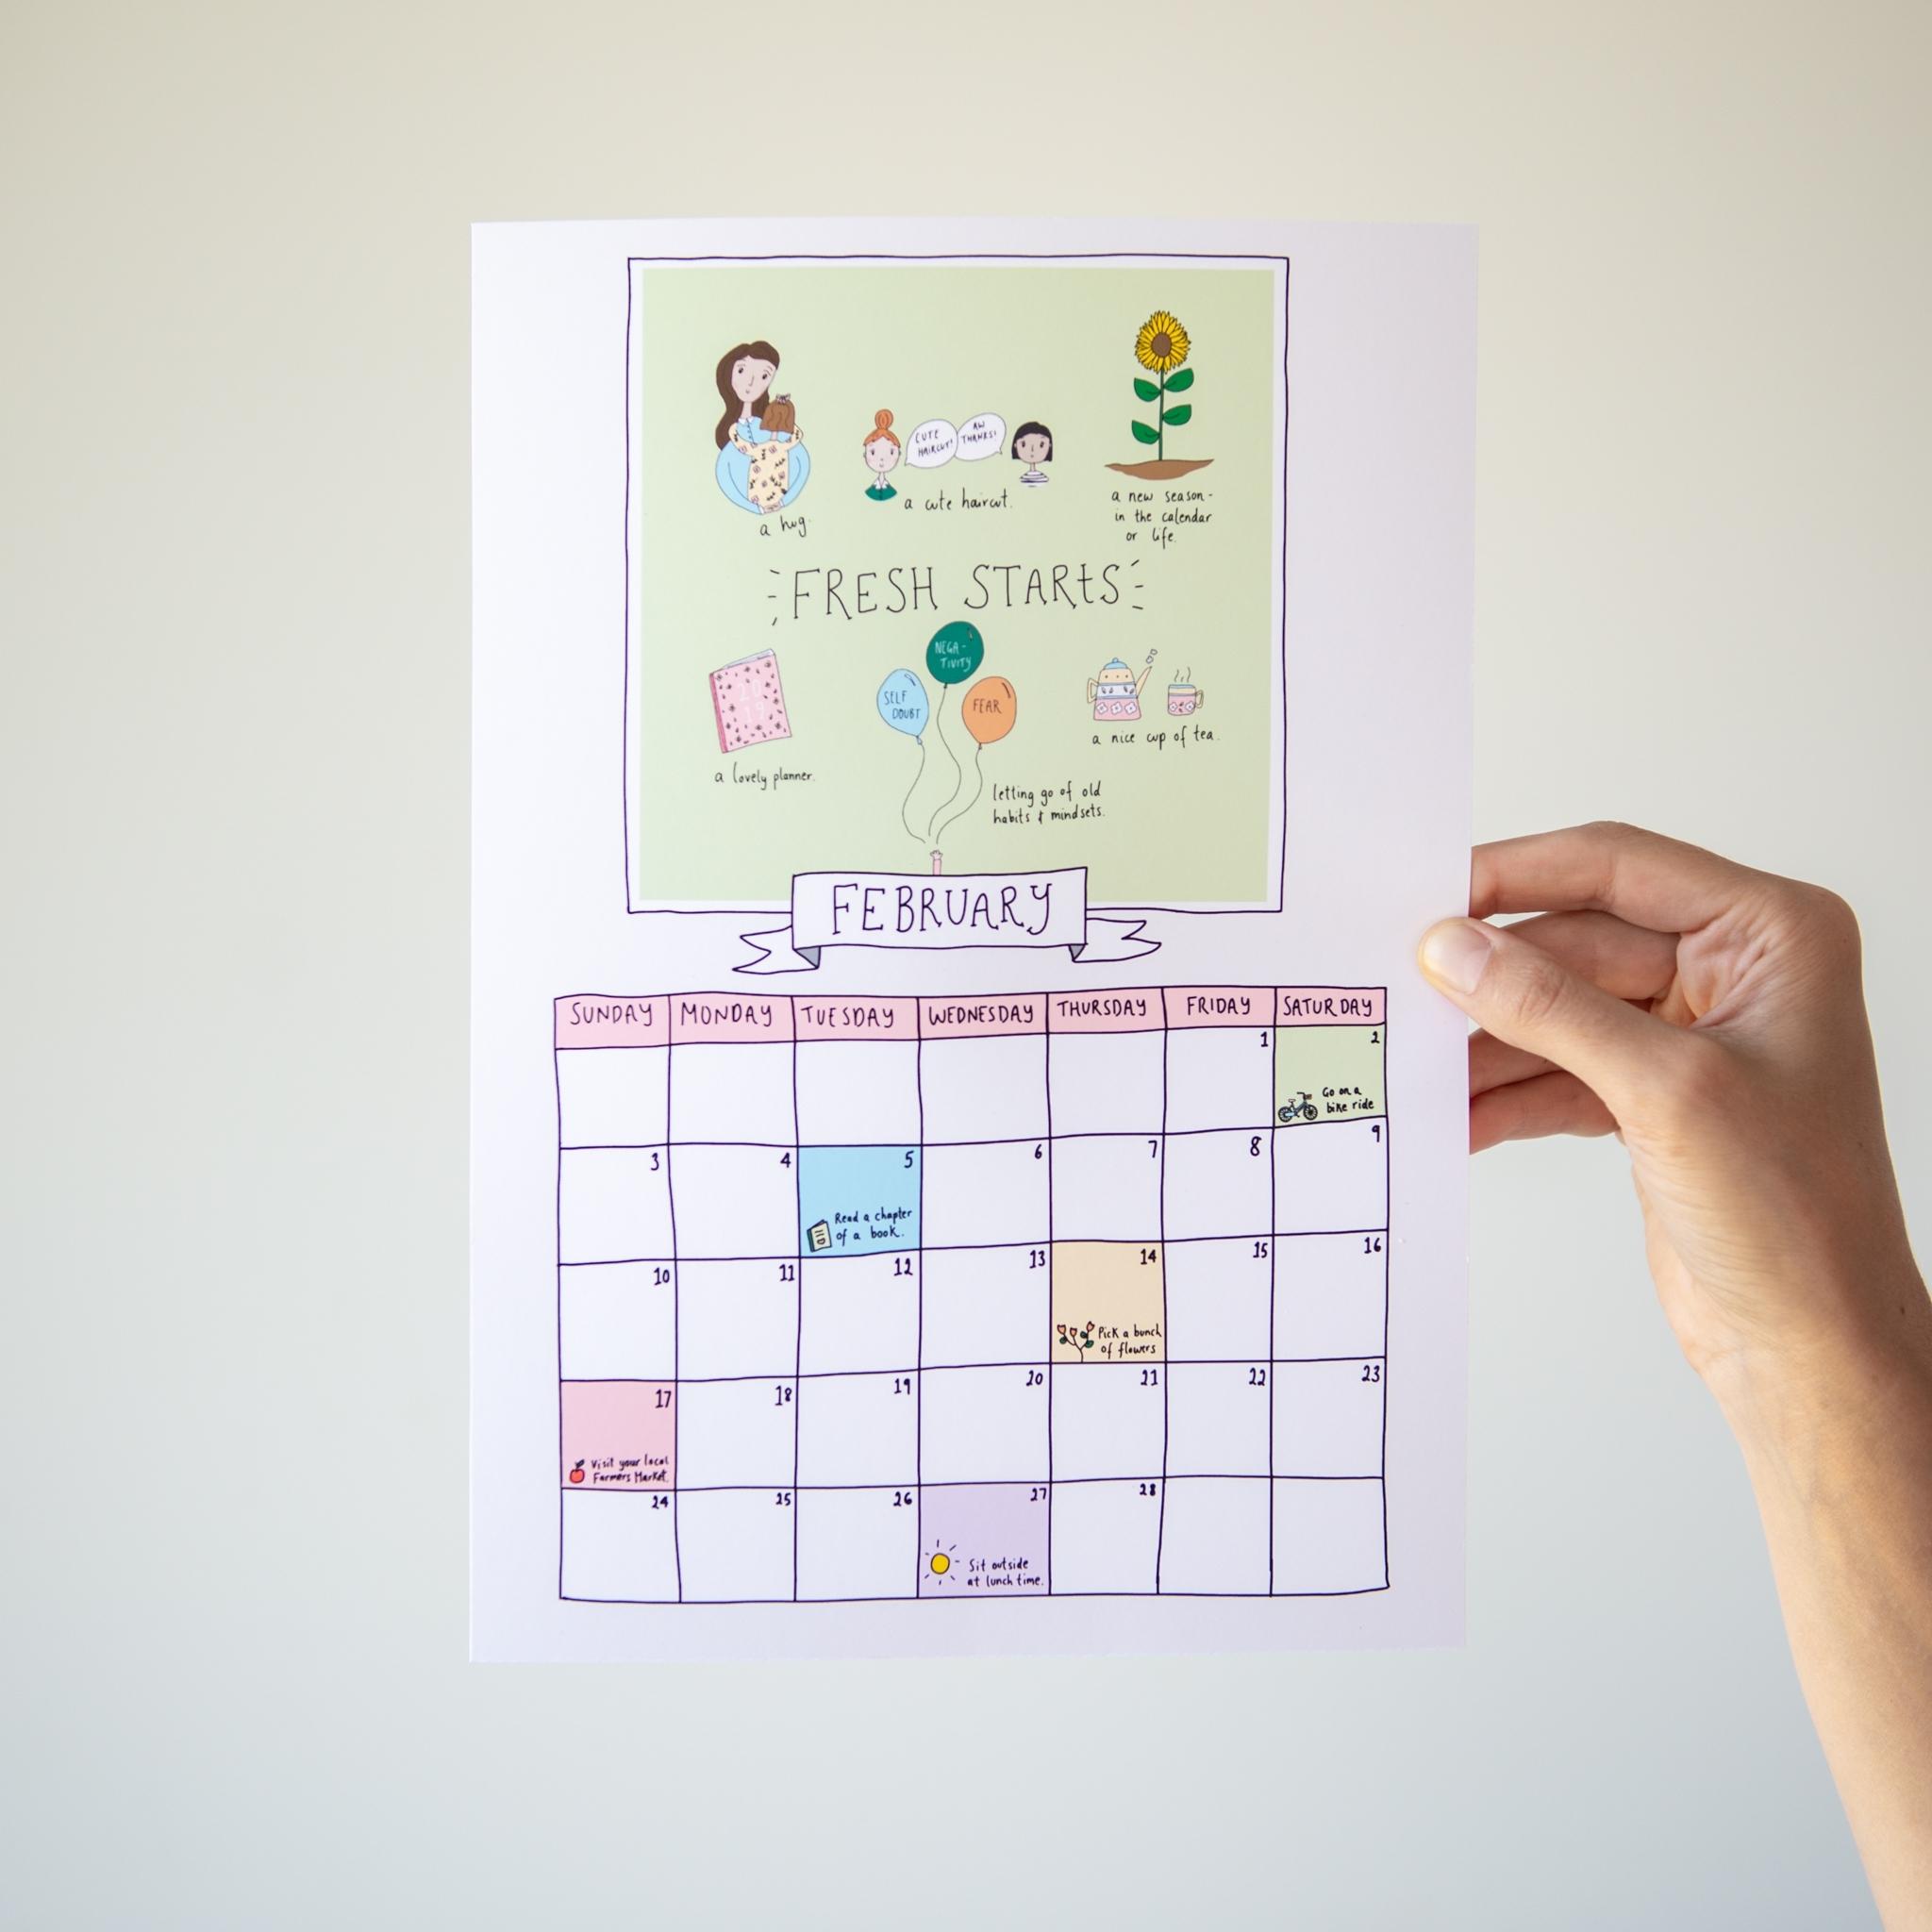 Free Printable Calendar And Weekly Planner - Wordfinders Club